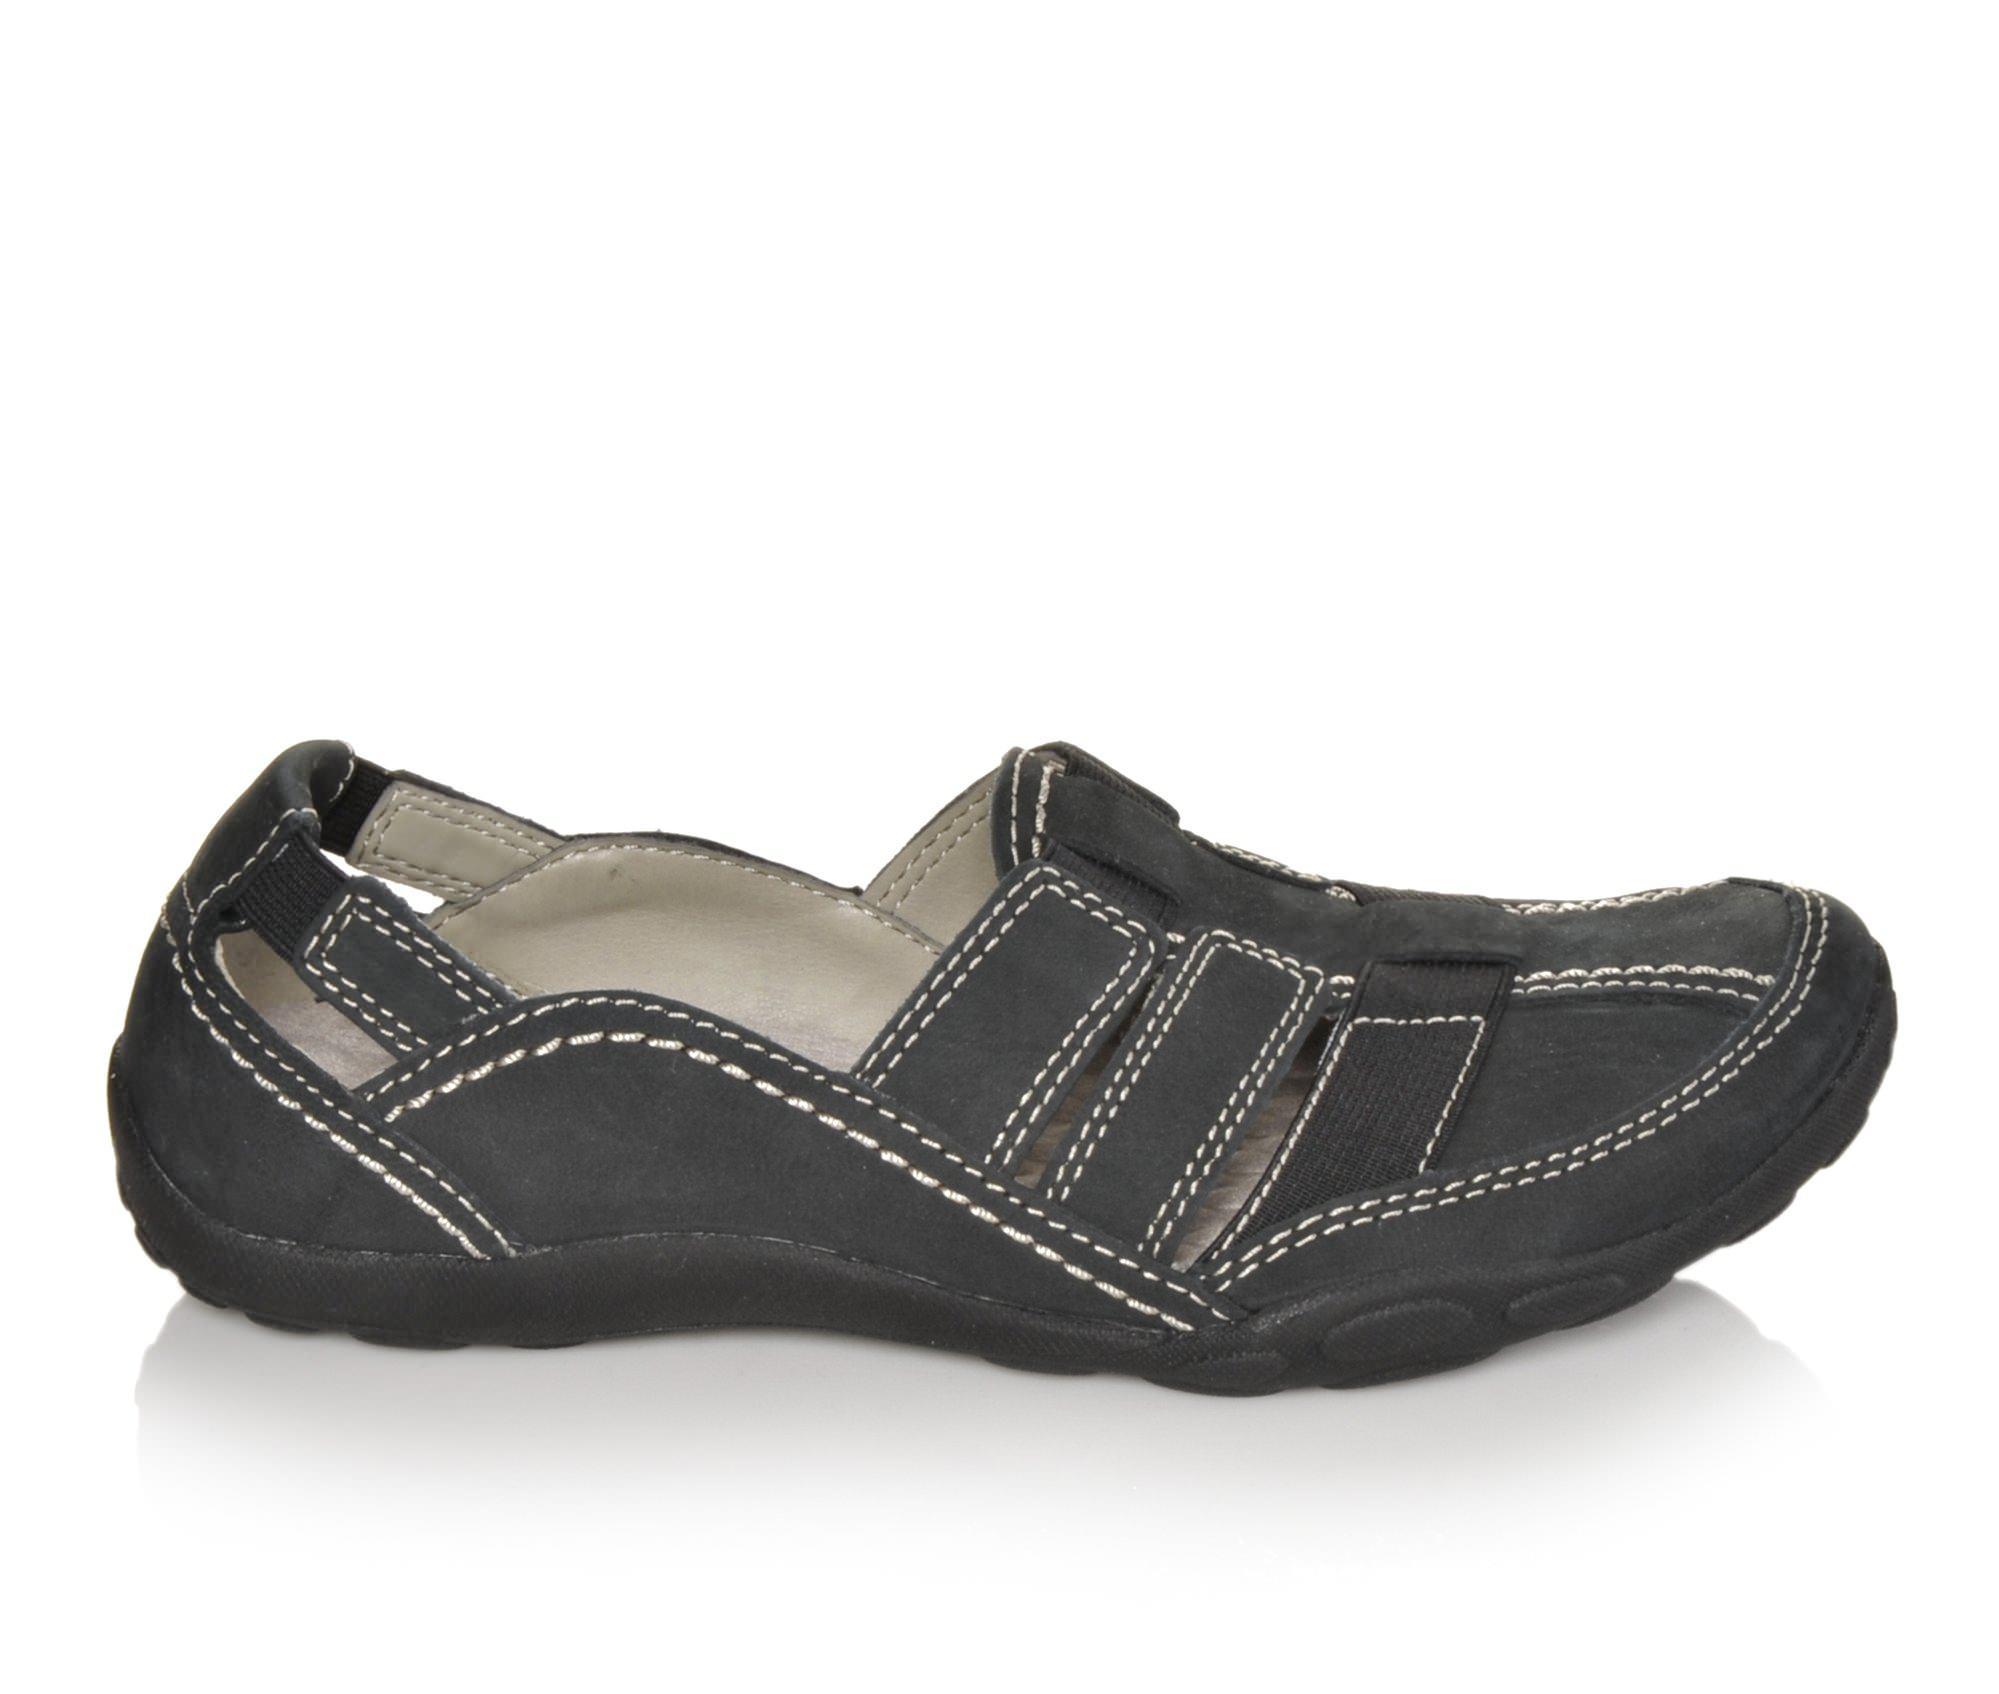 Clarks Haley Stork Women's Shoe (Black Leather)